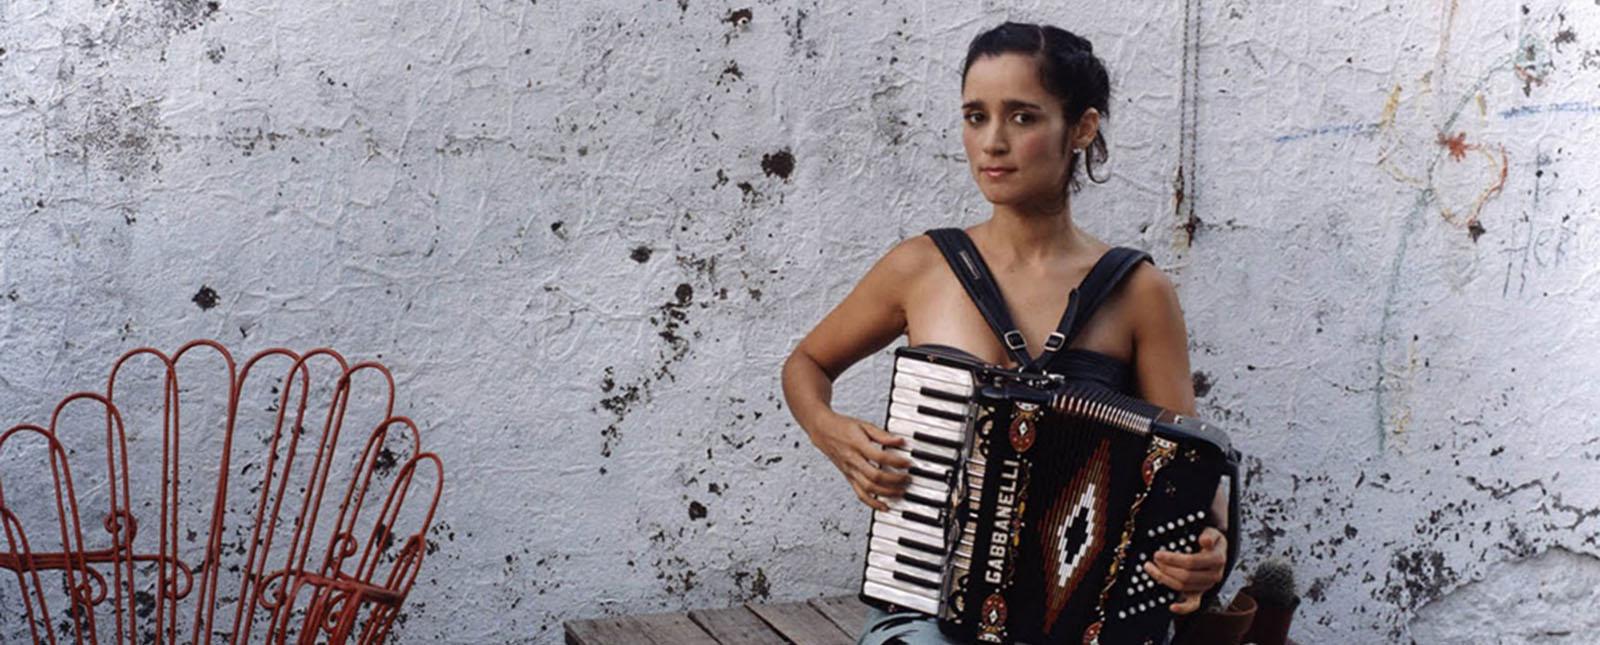 julieta-venegas-radio-playlist-nuevo-disco-2